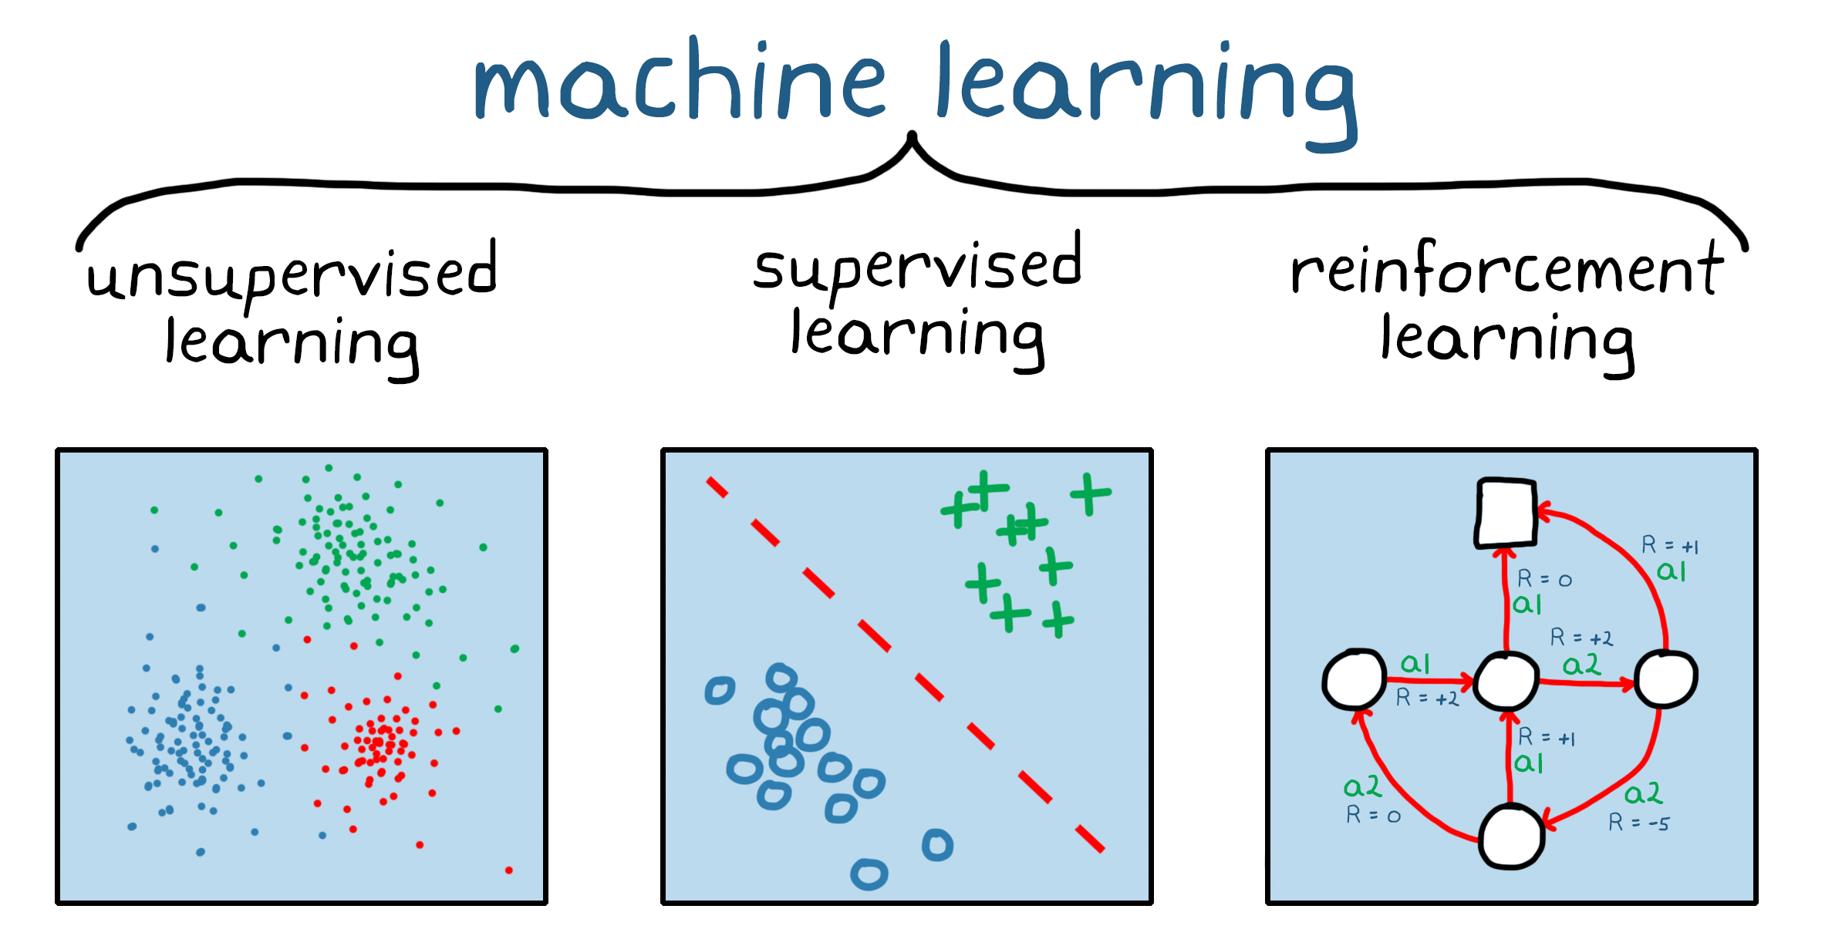 Figure1. Les trois grandes catégories de Machine Learning: apprentissage non supervisé, apprentissage supervisé et Reinforcement Learning